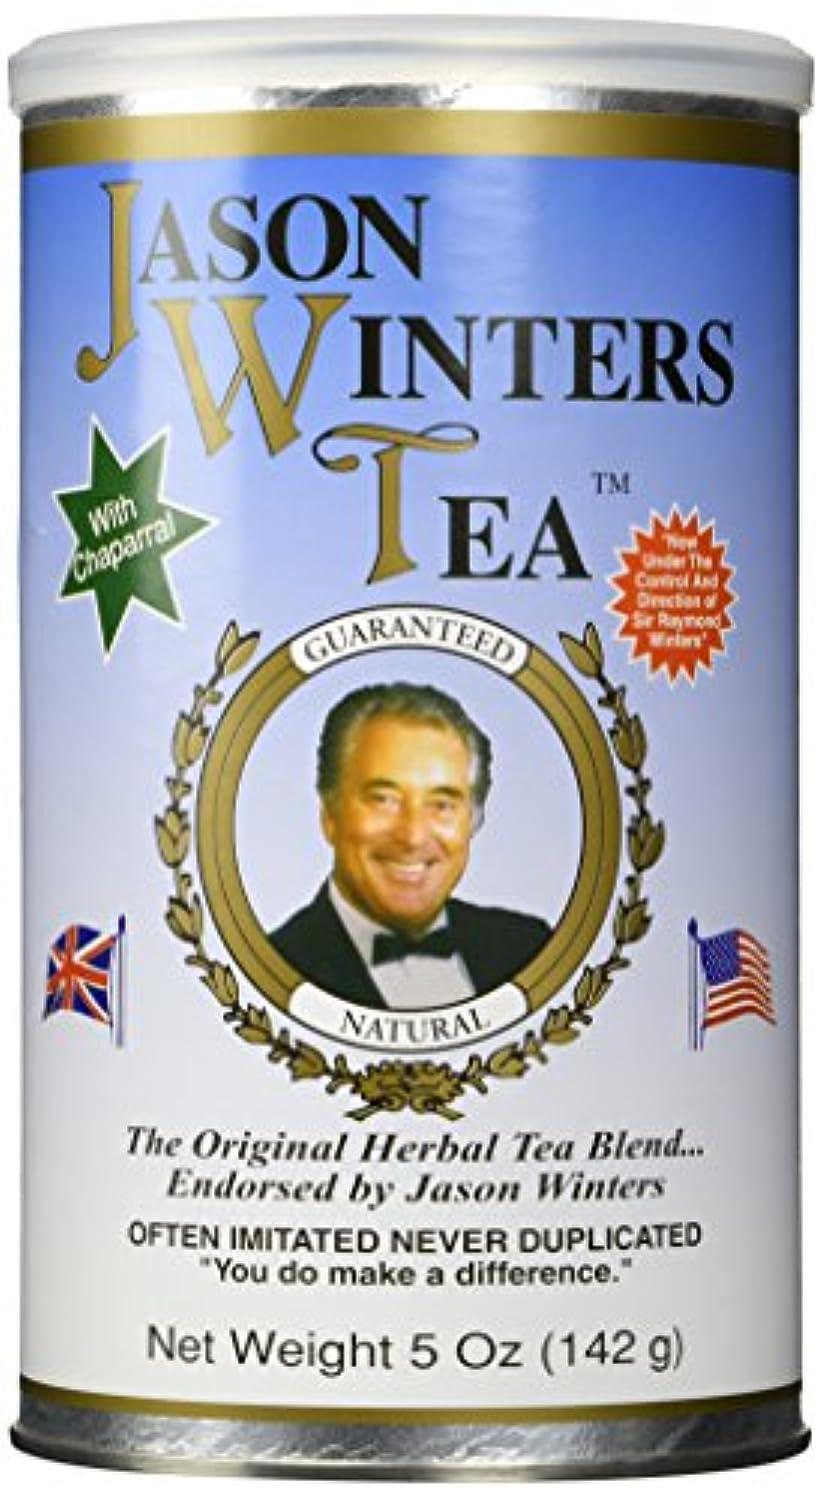 死ヒゲスピン海外直送肘 Herbal Tea with Chaparrel Bulk, 5 oz